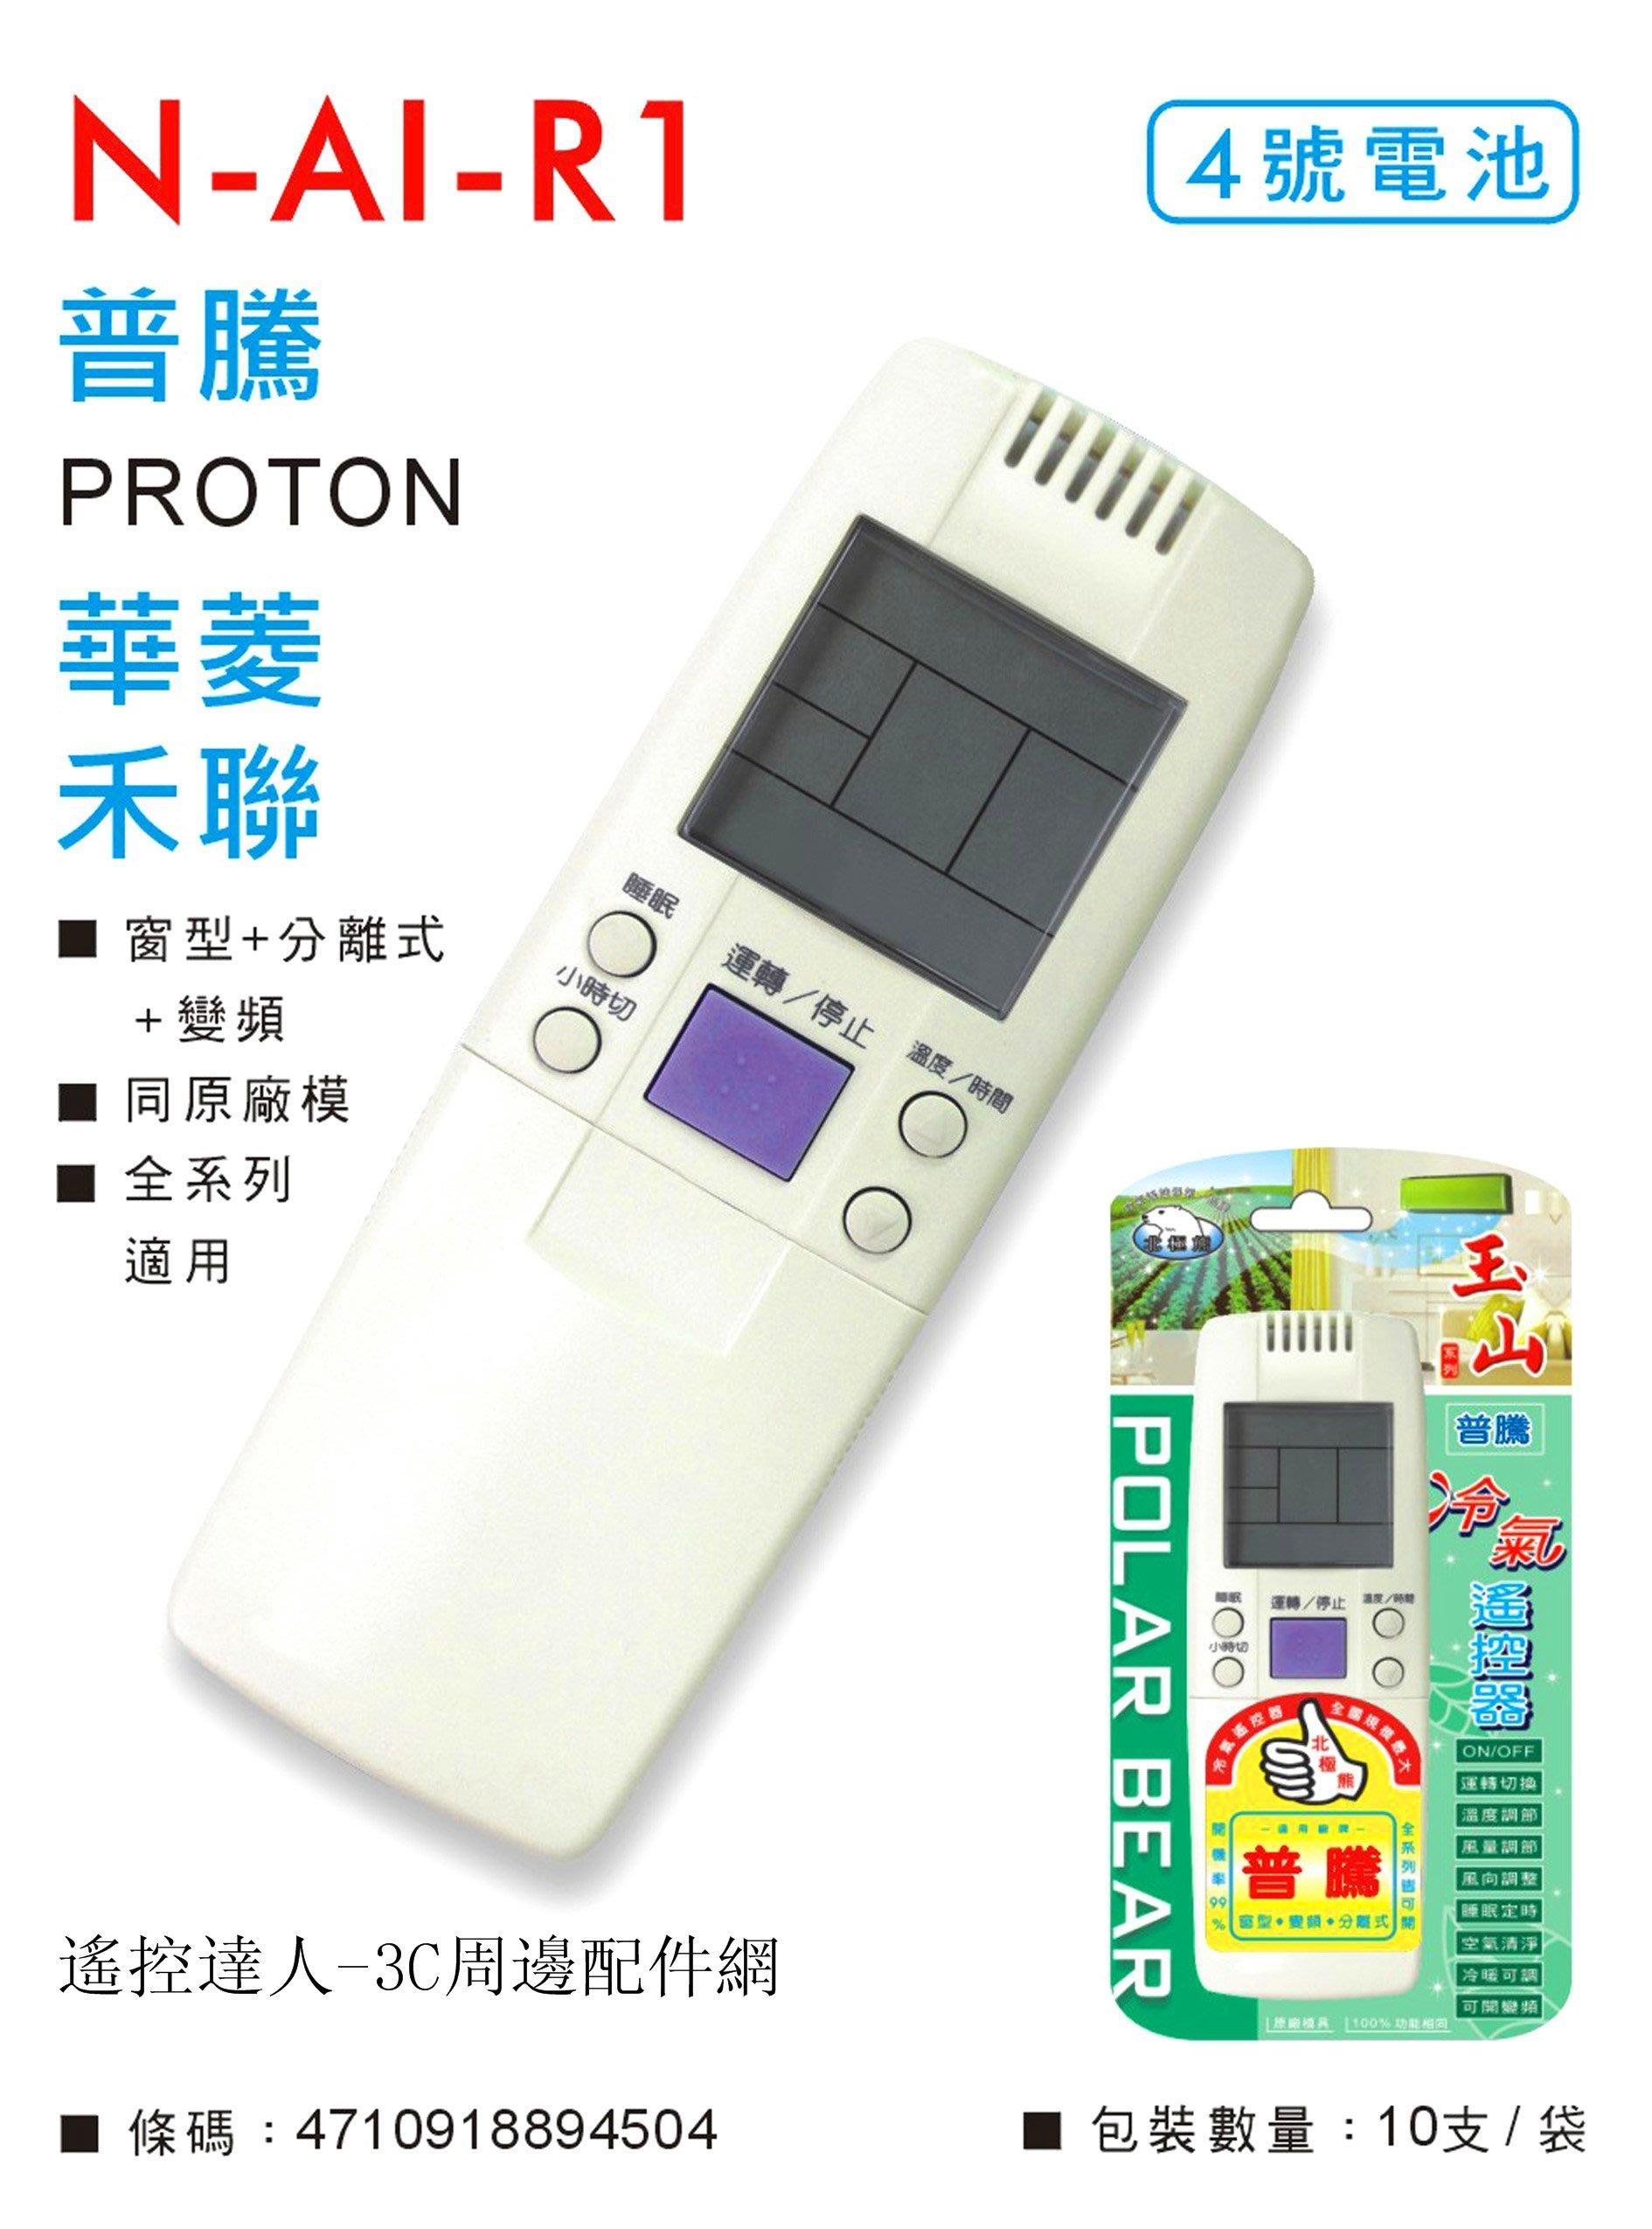 N-AI-R1 普騰/華菱/禾聯 專用冷氣遙控器 品牌:Dr.AV 適用普騰冷氣全機種/ 遙控距離約8公尺/原廠模